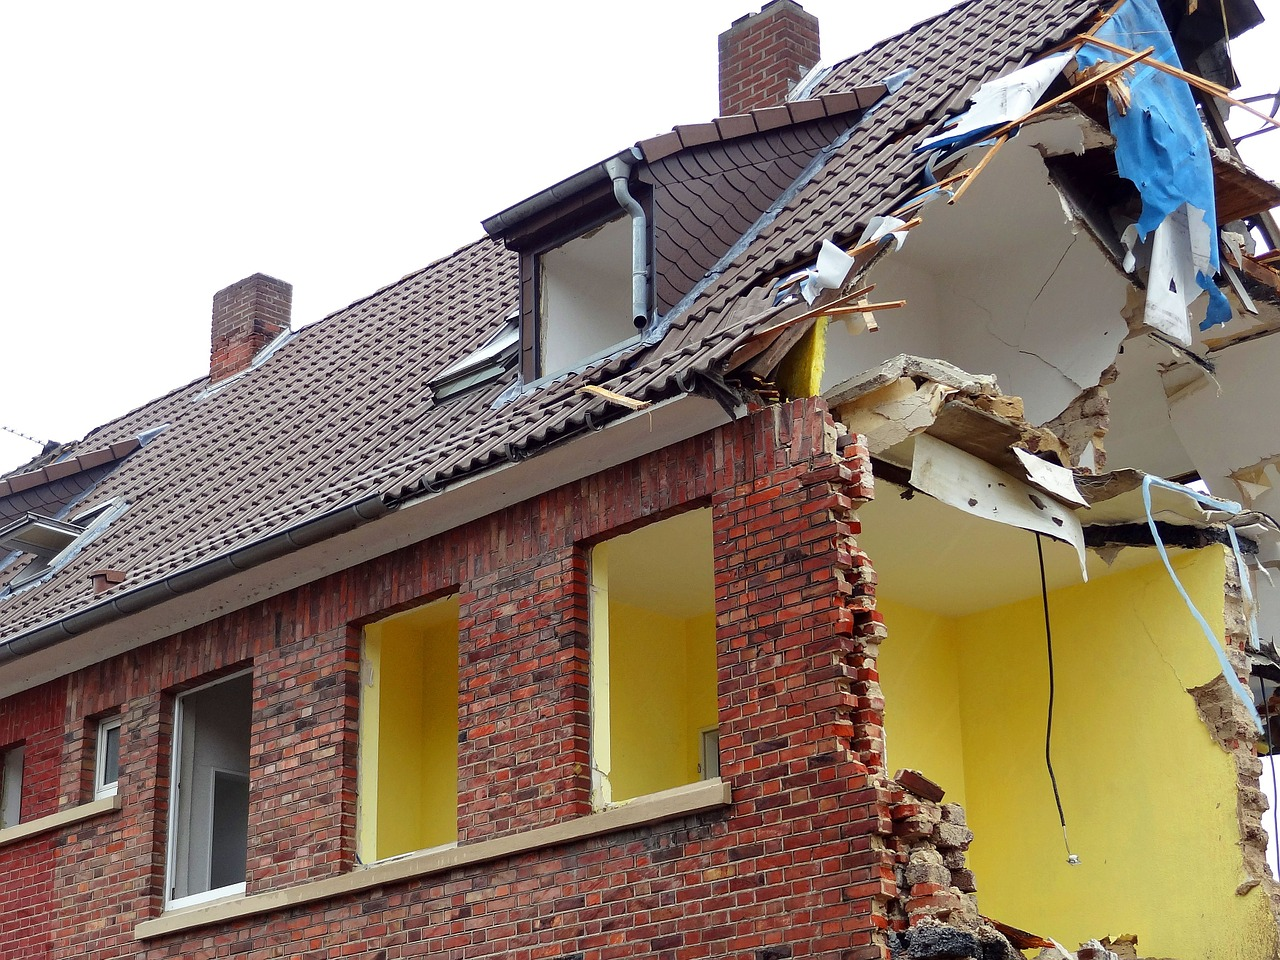 Prix pour démolir une maison dans la Seine-Saint-Denis